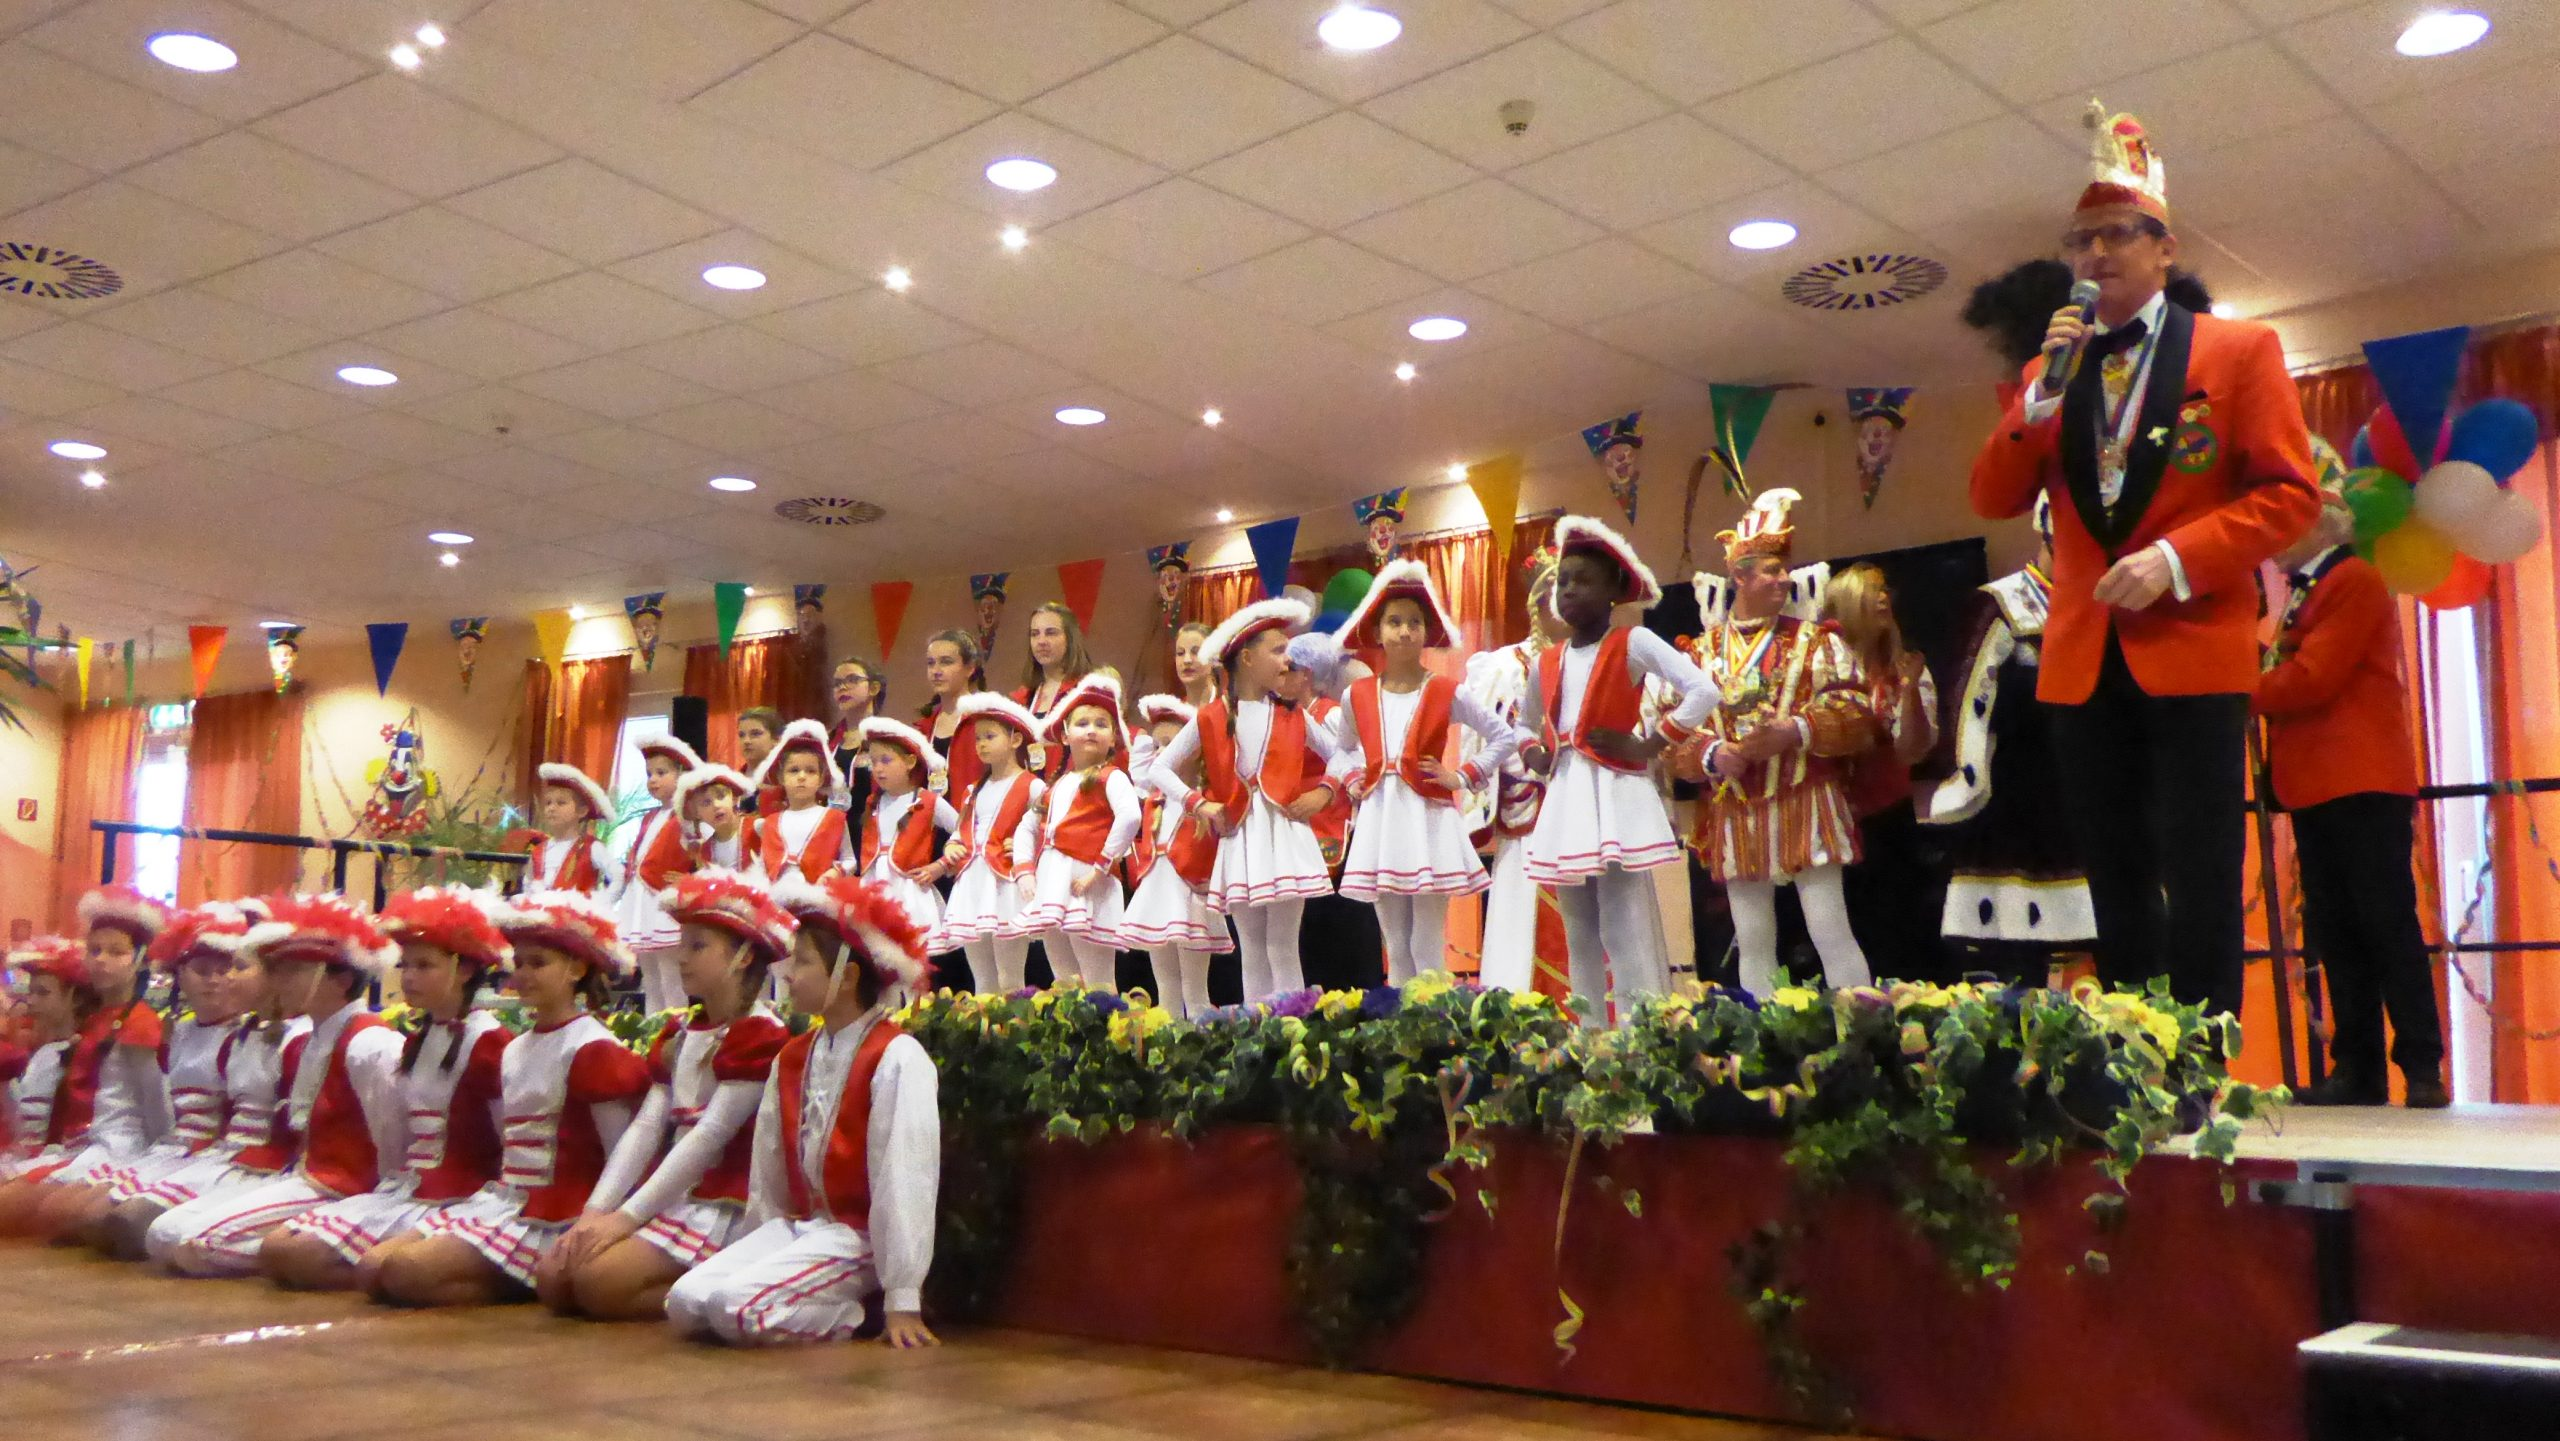 Karnevalistisches Treiben im AWO Carolus Seniorenzentrum 1